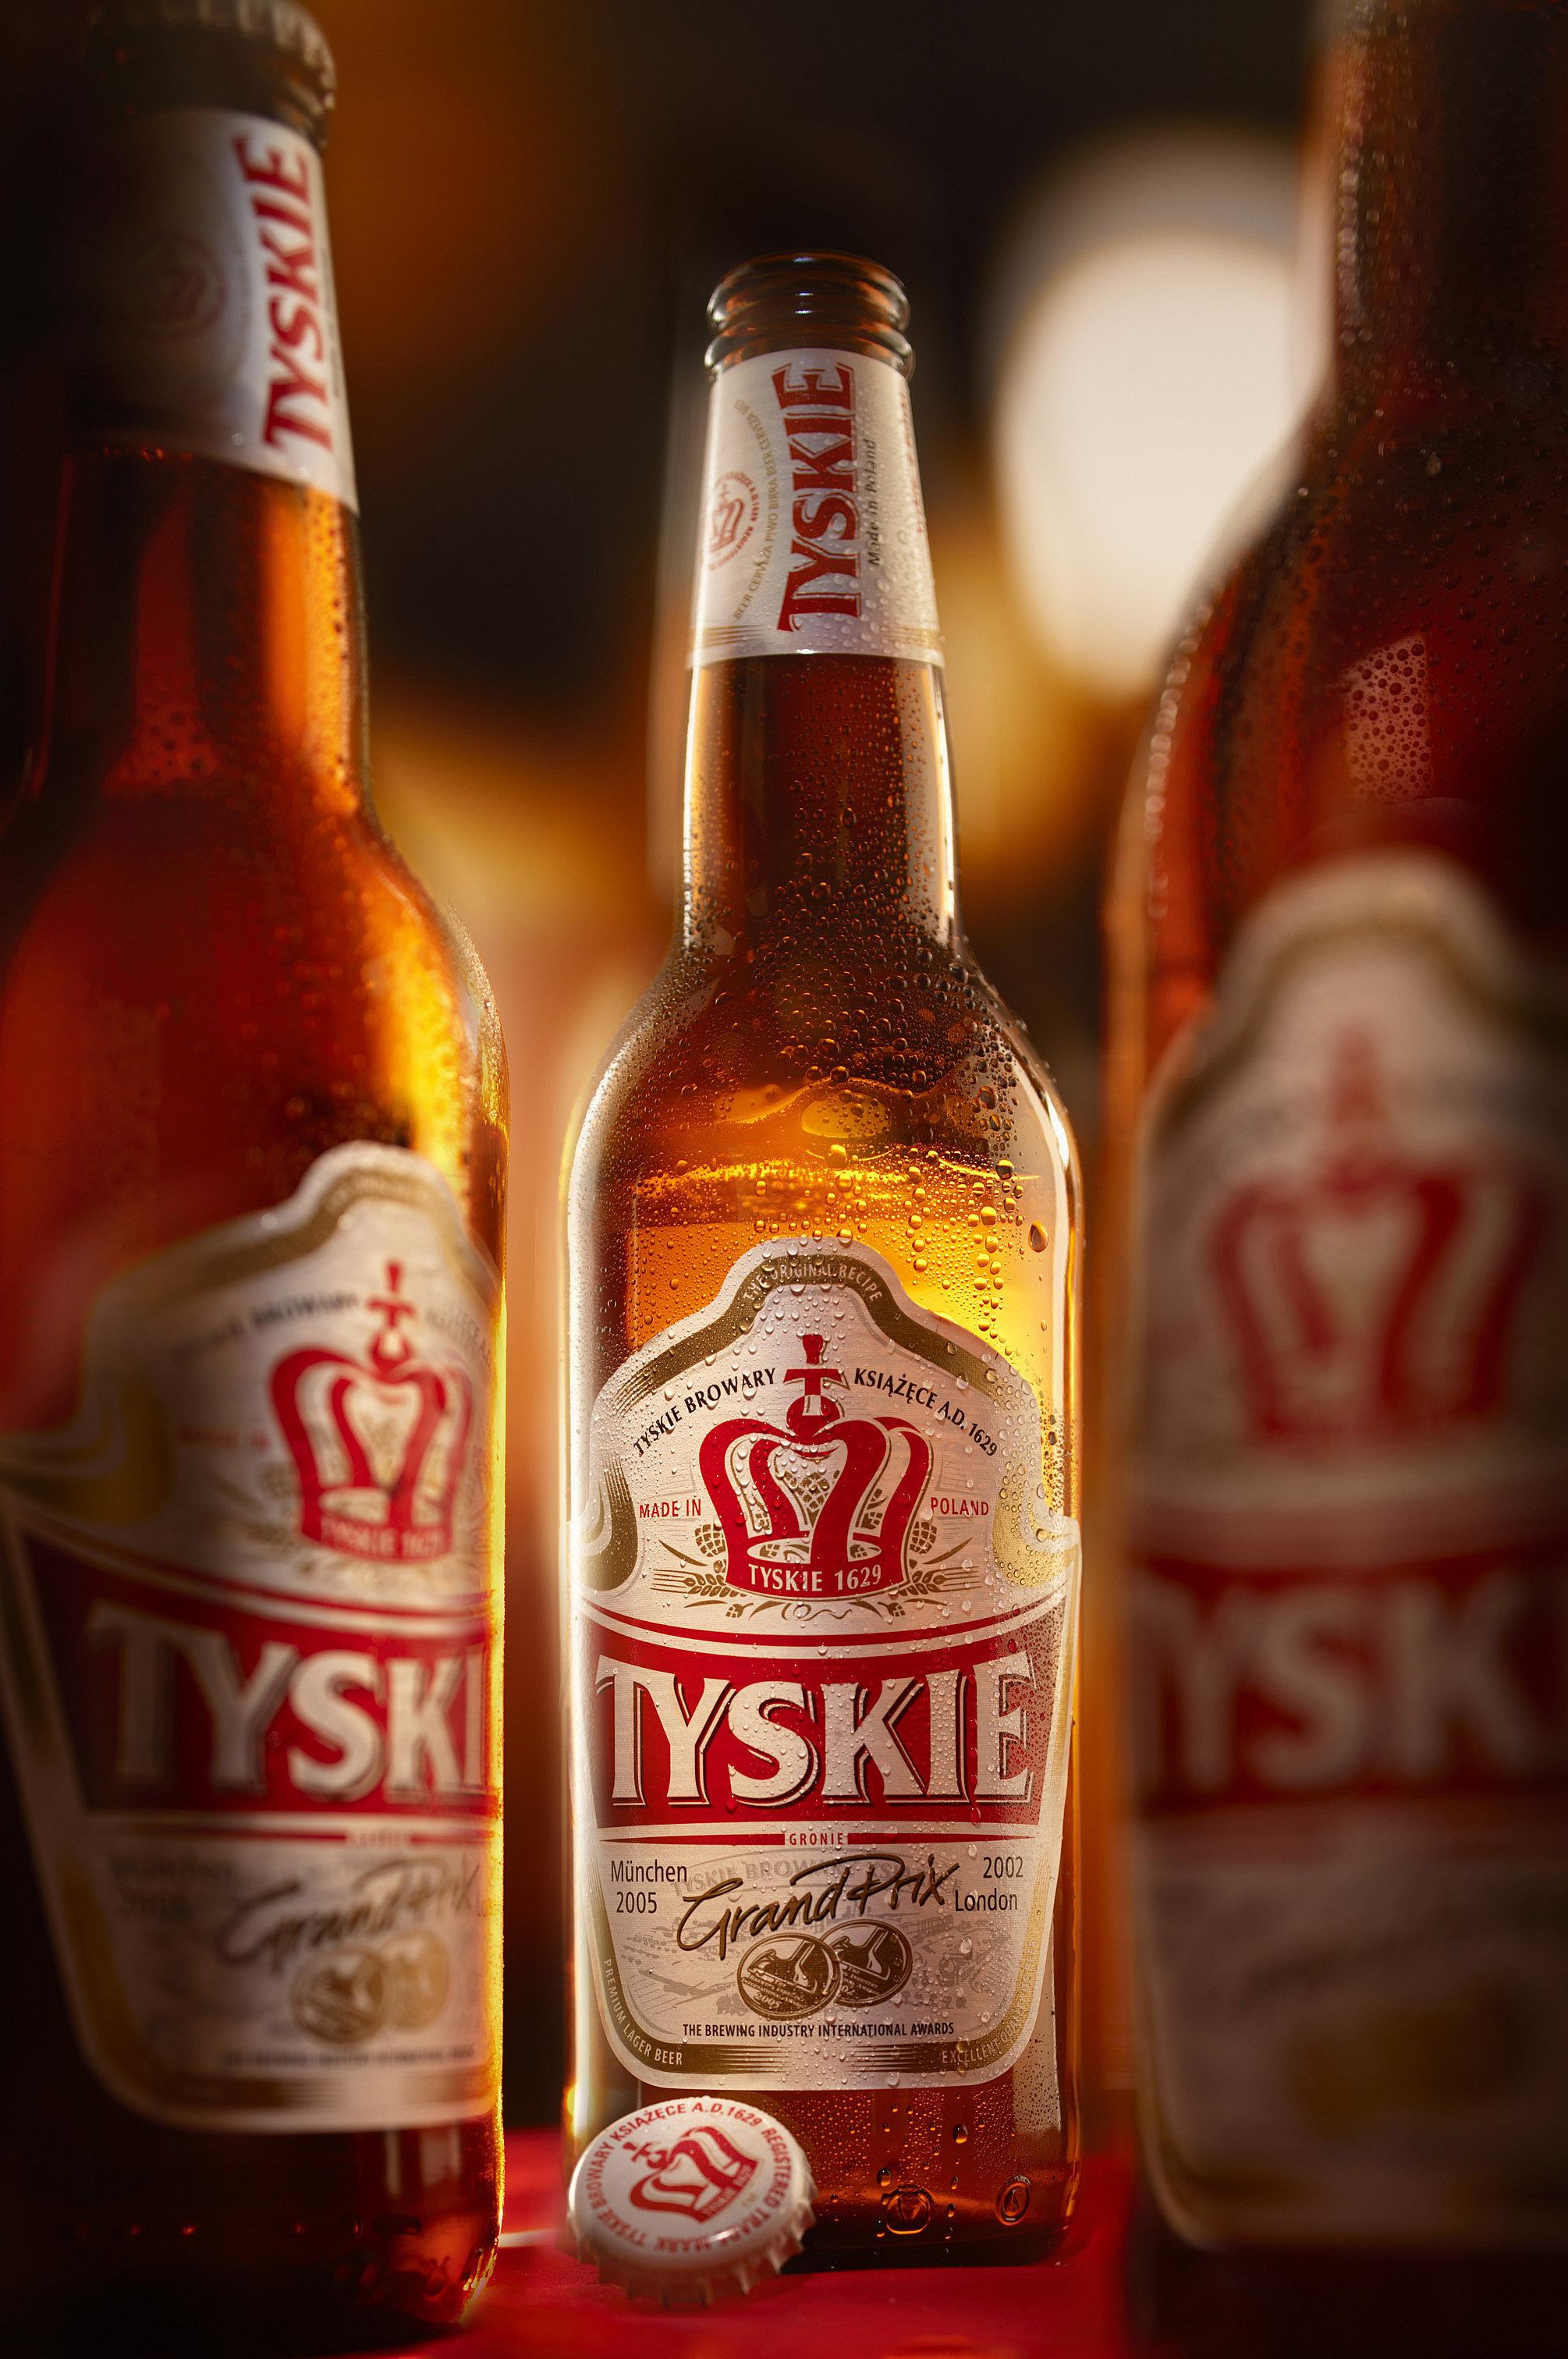 Mehrere Tyskie Bierflaschen scharf/unscharf geöffnet und gekühlt mit nebenliegenden Kronkorken